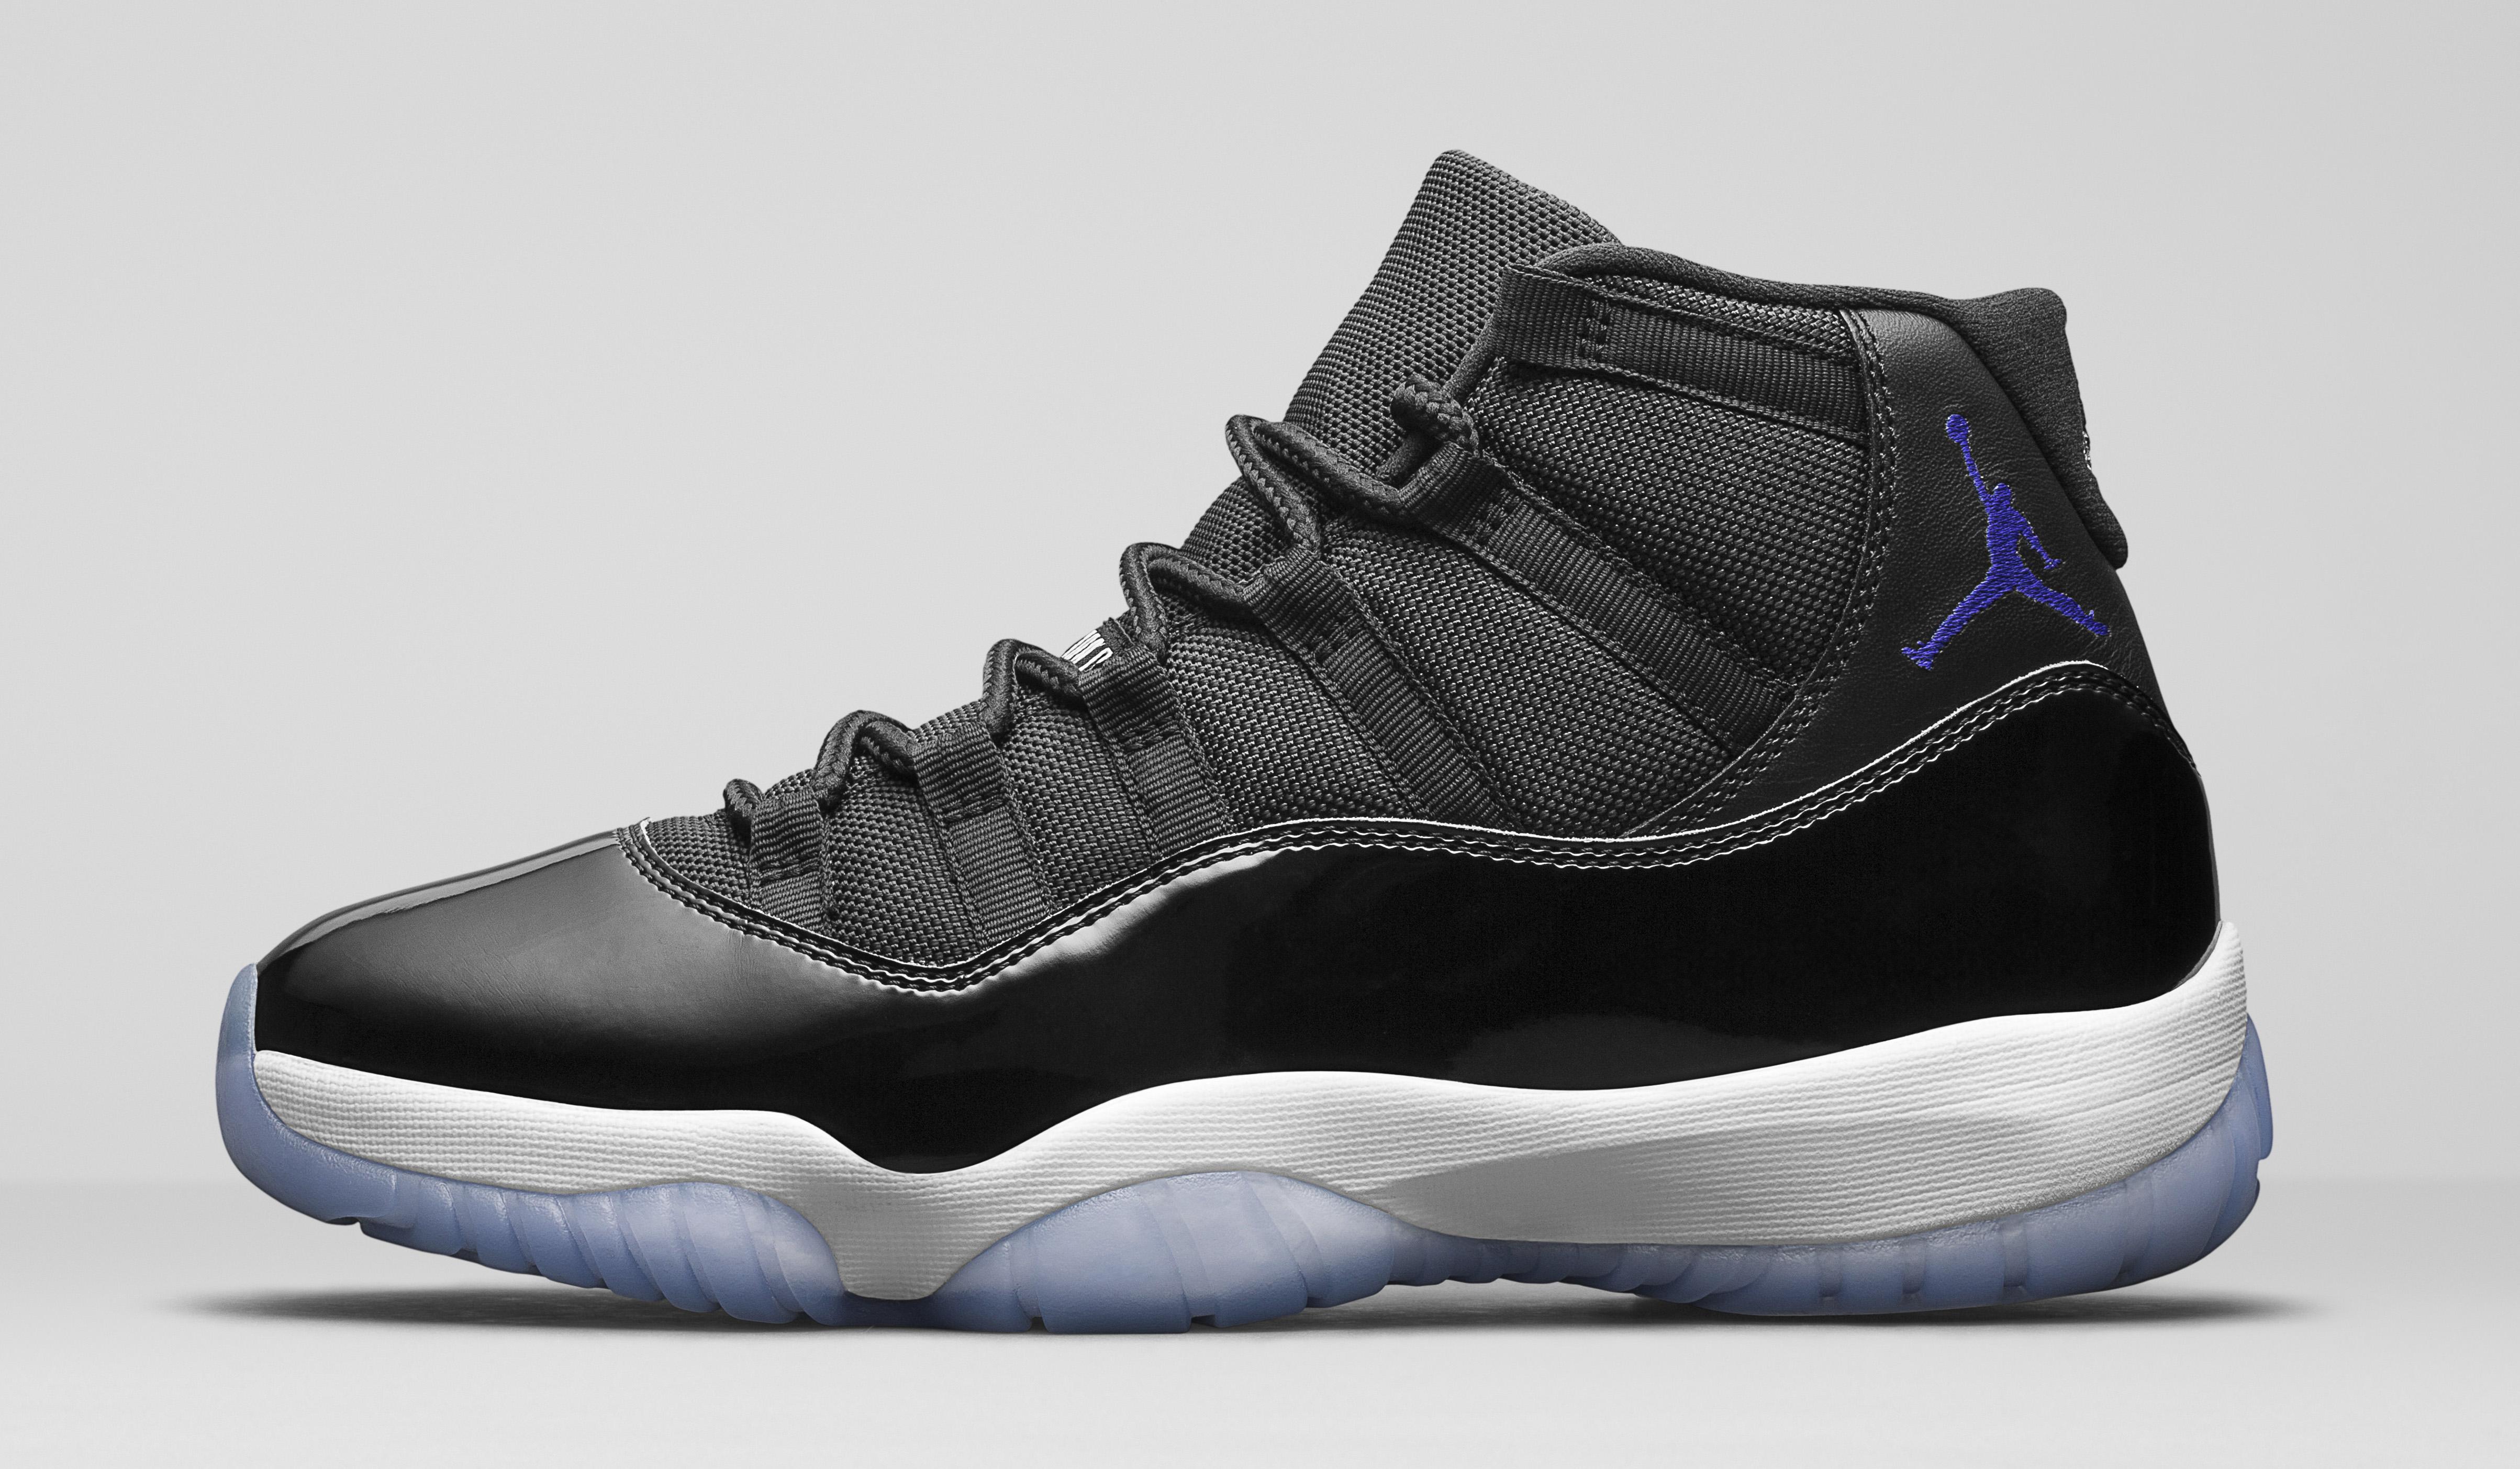 Image via Nike Jordan 11 Space Jam Profile e37ebb731